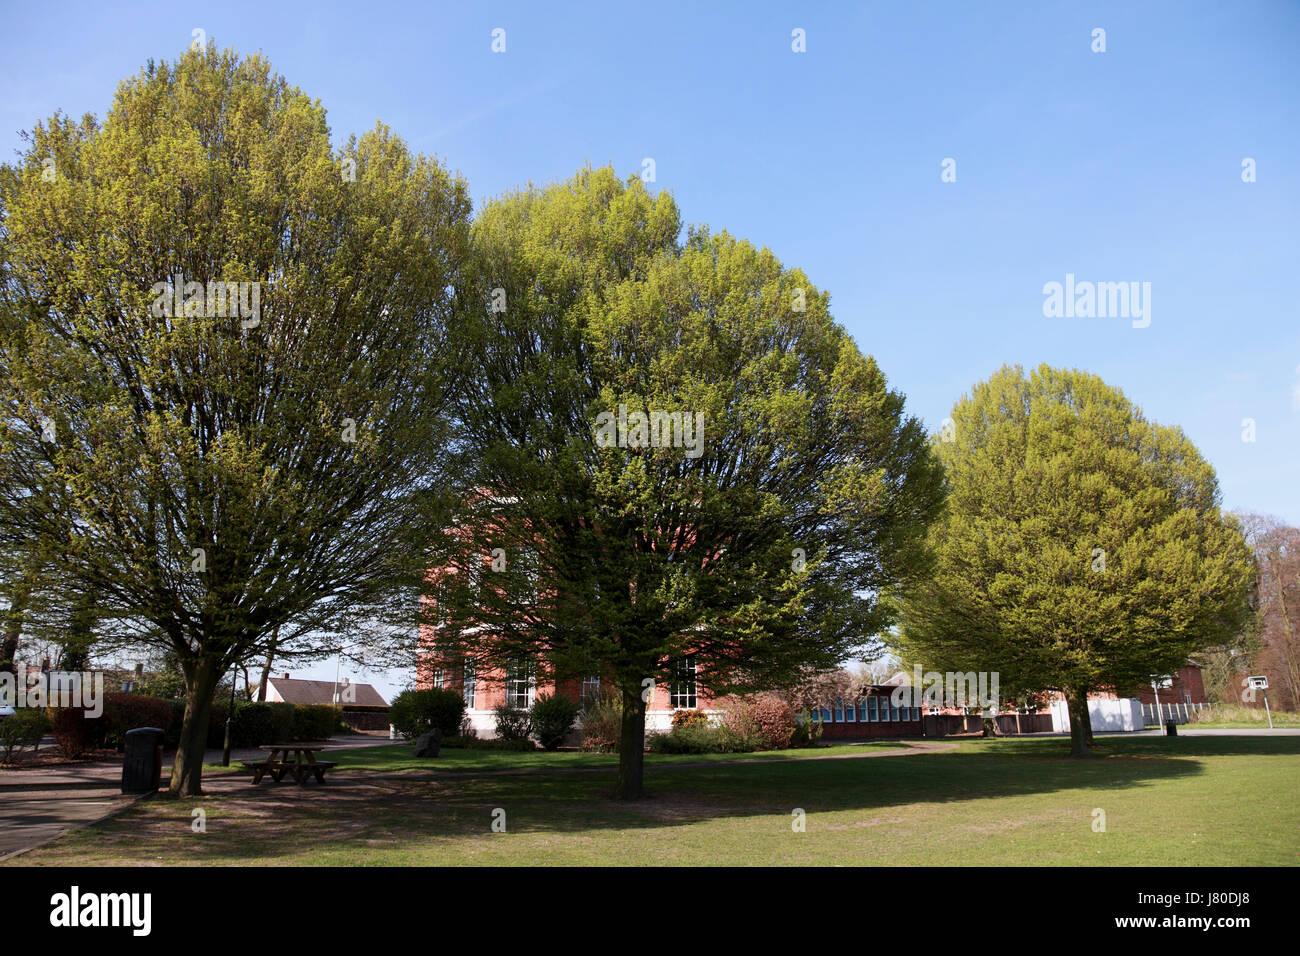 A row of three hornbeam trees Stock Photo